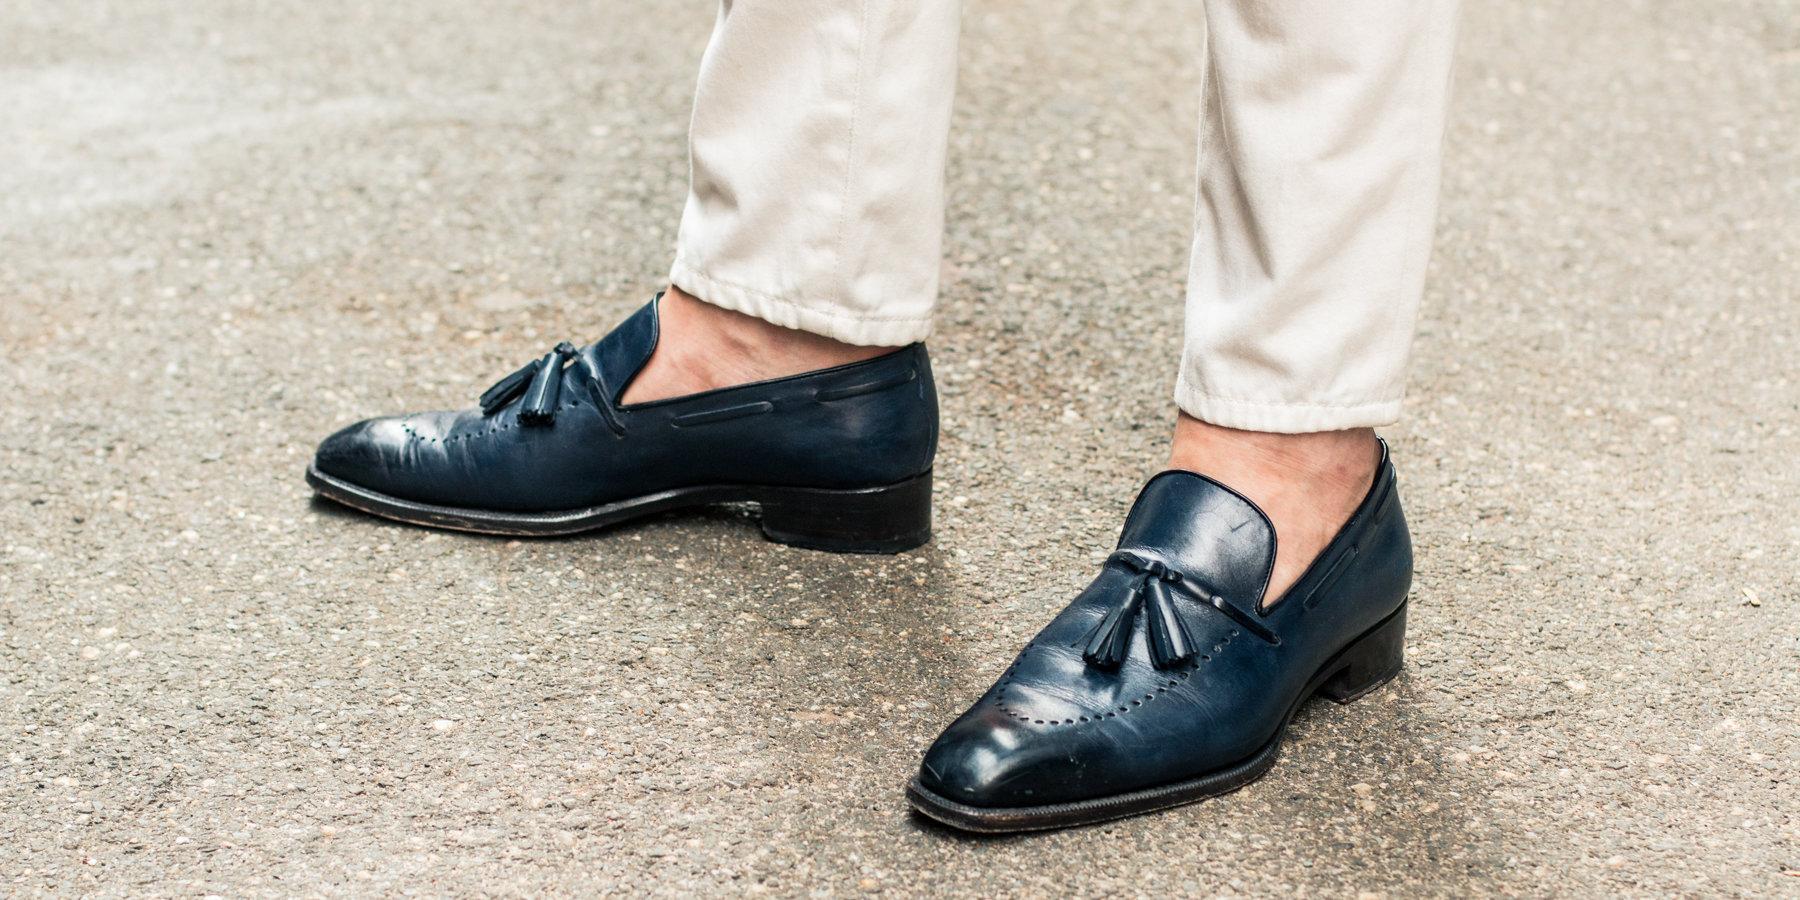 Nhiều người có thói quen đi giày không đi tất mà không biết hậu quả khủng khiếp sẽ xảy ra - Ảnh 3.